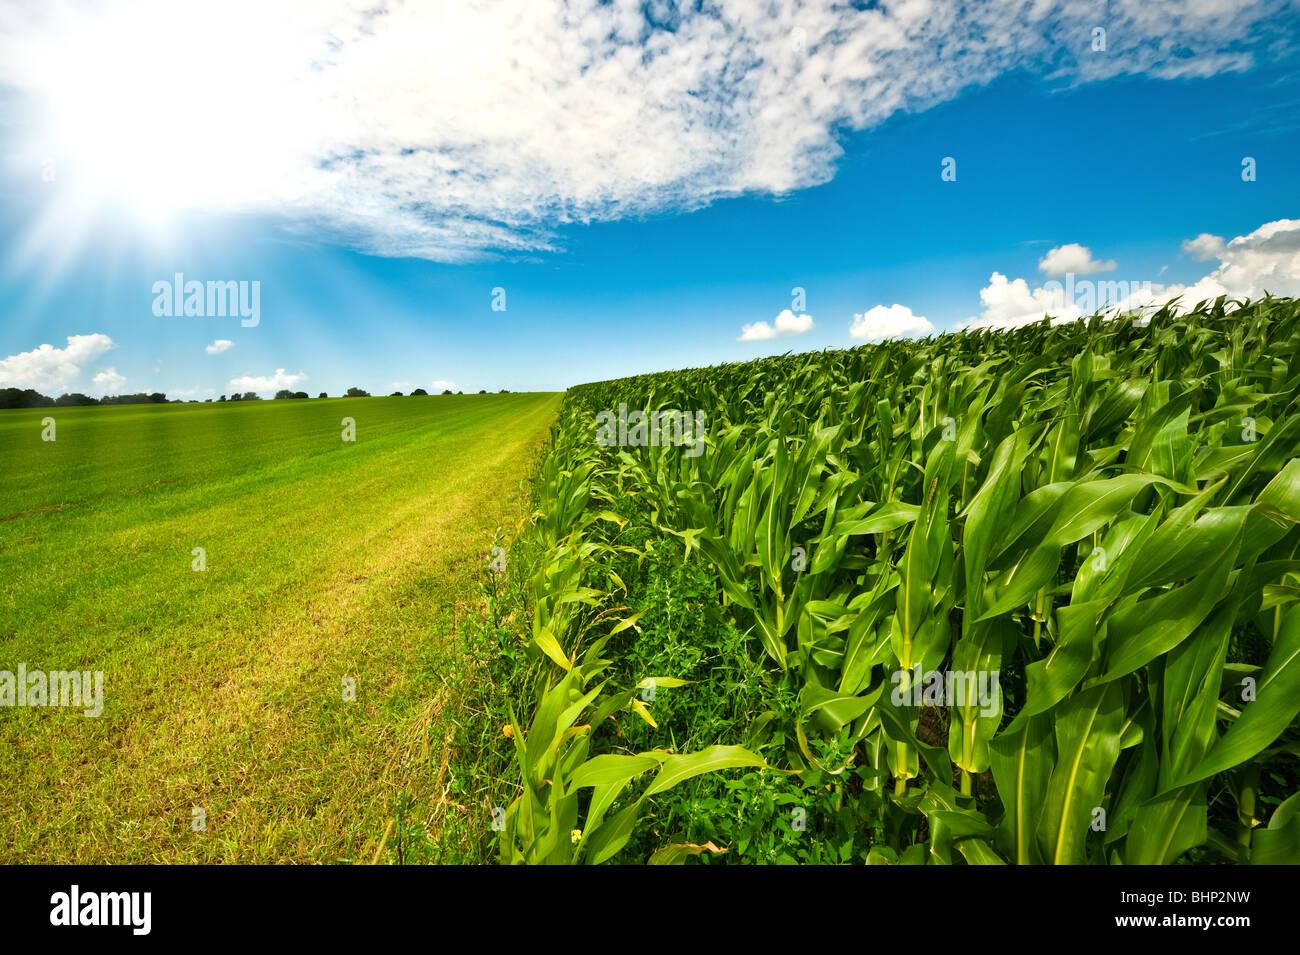 Terres agricoles de l'été avec l'herbe verte fraîche, champ de maïs et ciel bleu Photo Stock